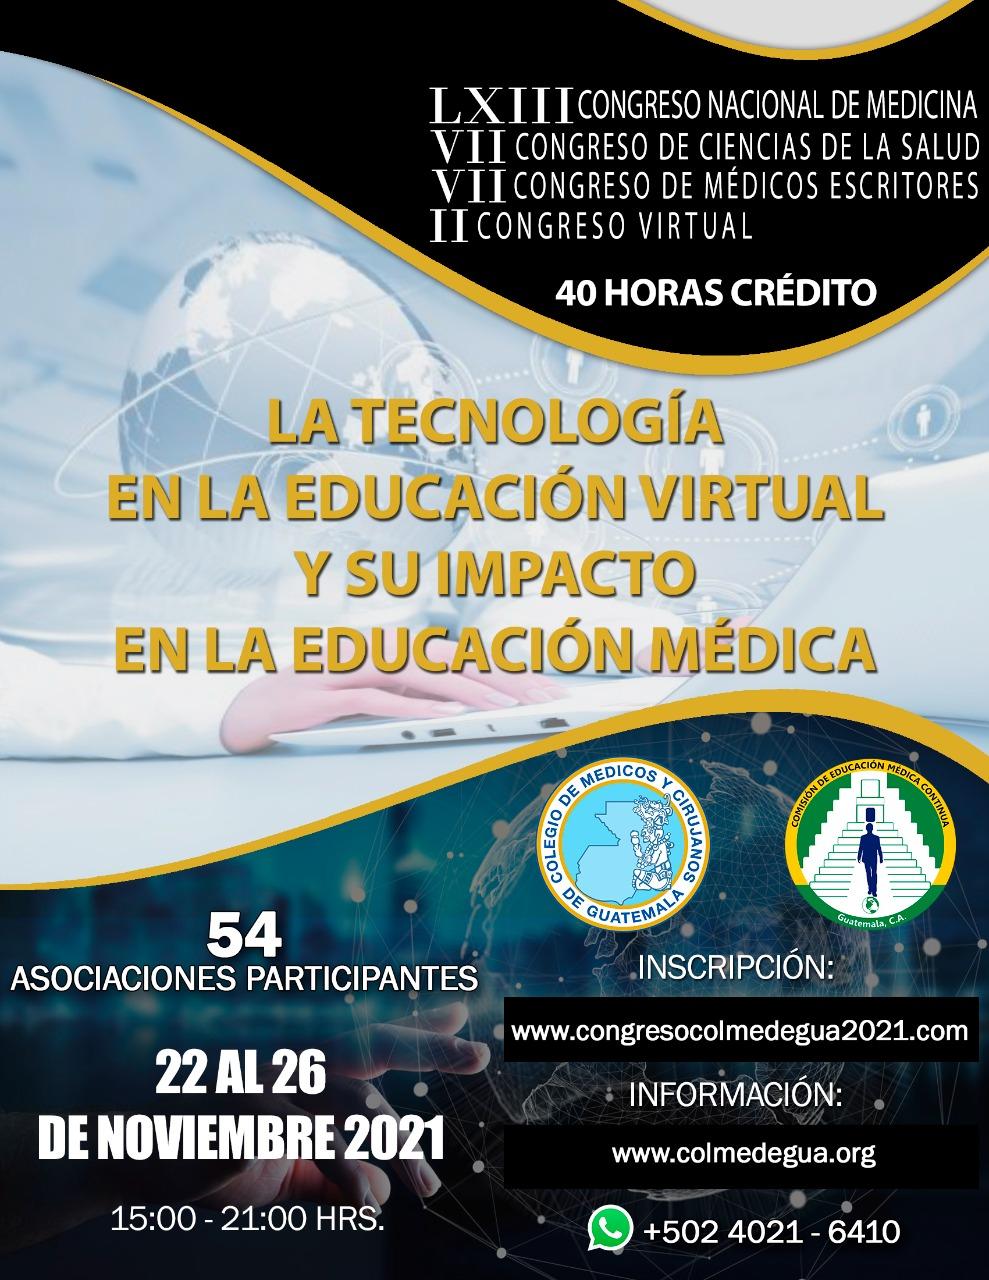 LA TECNOLOGÍA EN LA EDUCACIÓN VIRTUAL Y SU IMPACTO EN LA EDUCACIÓN MÉDICA.